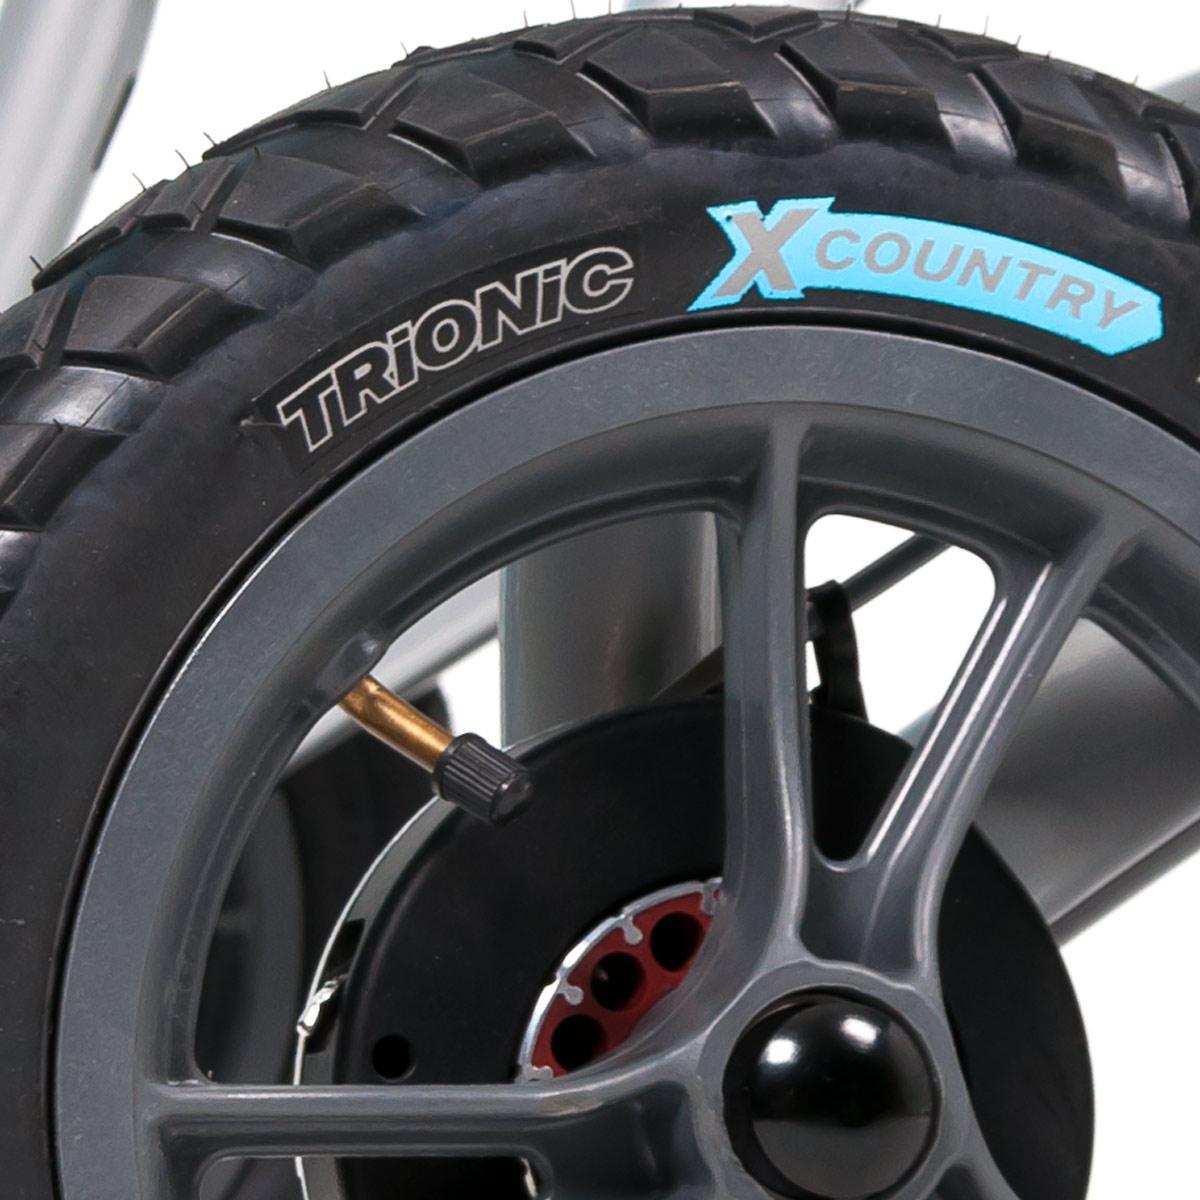 Trionic X-カントリータイヤ